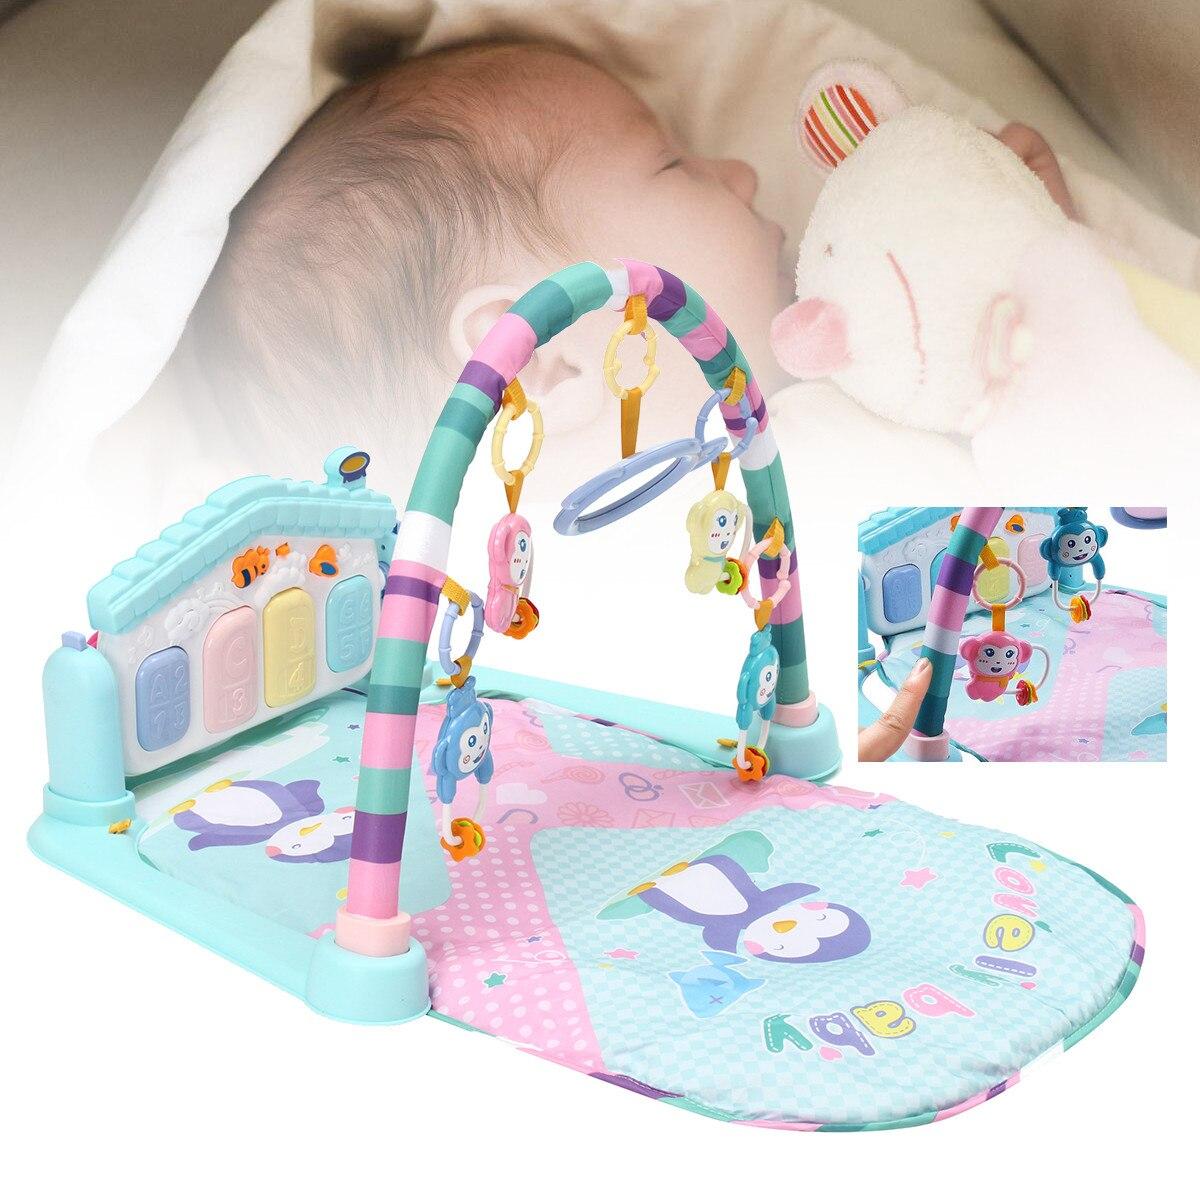 Nouveau-né tapis de jeu tapis éducatif Puzzle tapis avec clavier de Piano mignon Animal tapis de jeu bébé Gym coup de pied ramper activité tapis jouets